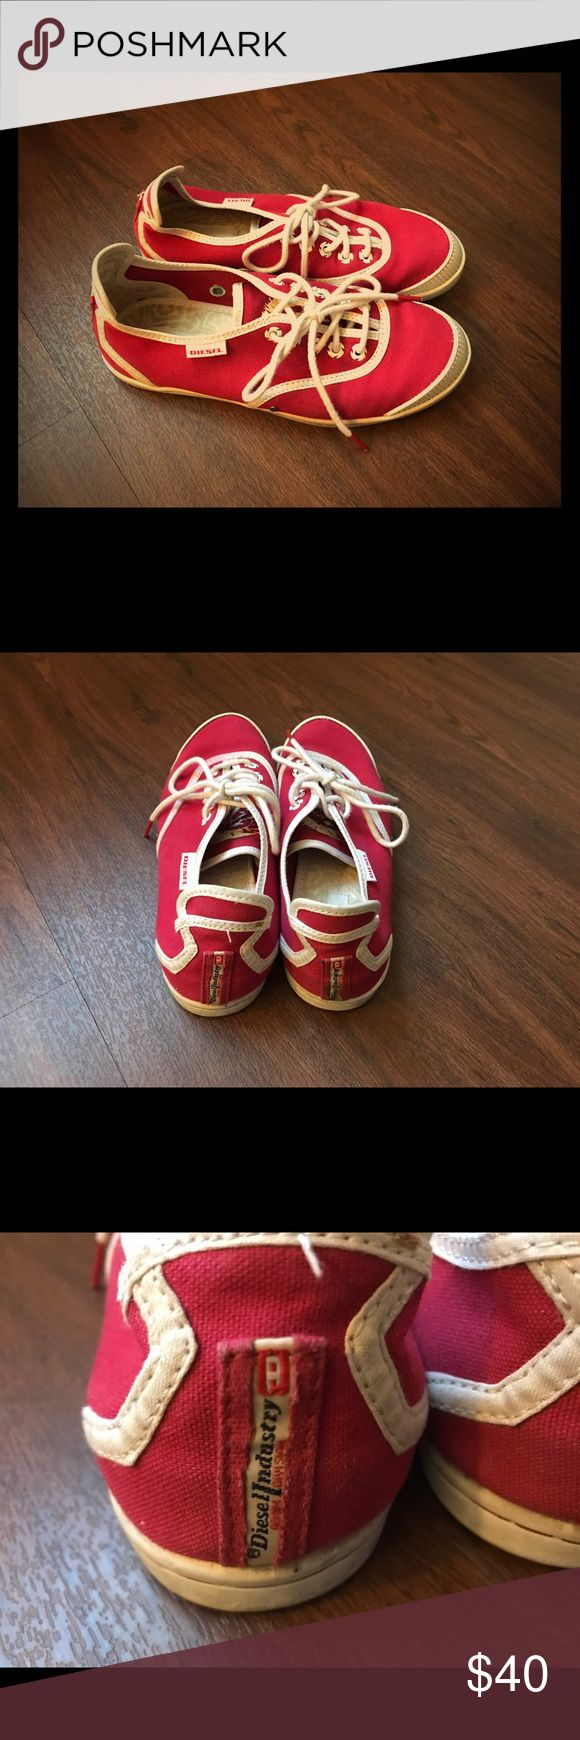 Diesel female sneakers Great deal original Diesel Diesel Shoes Sneakers